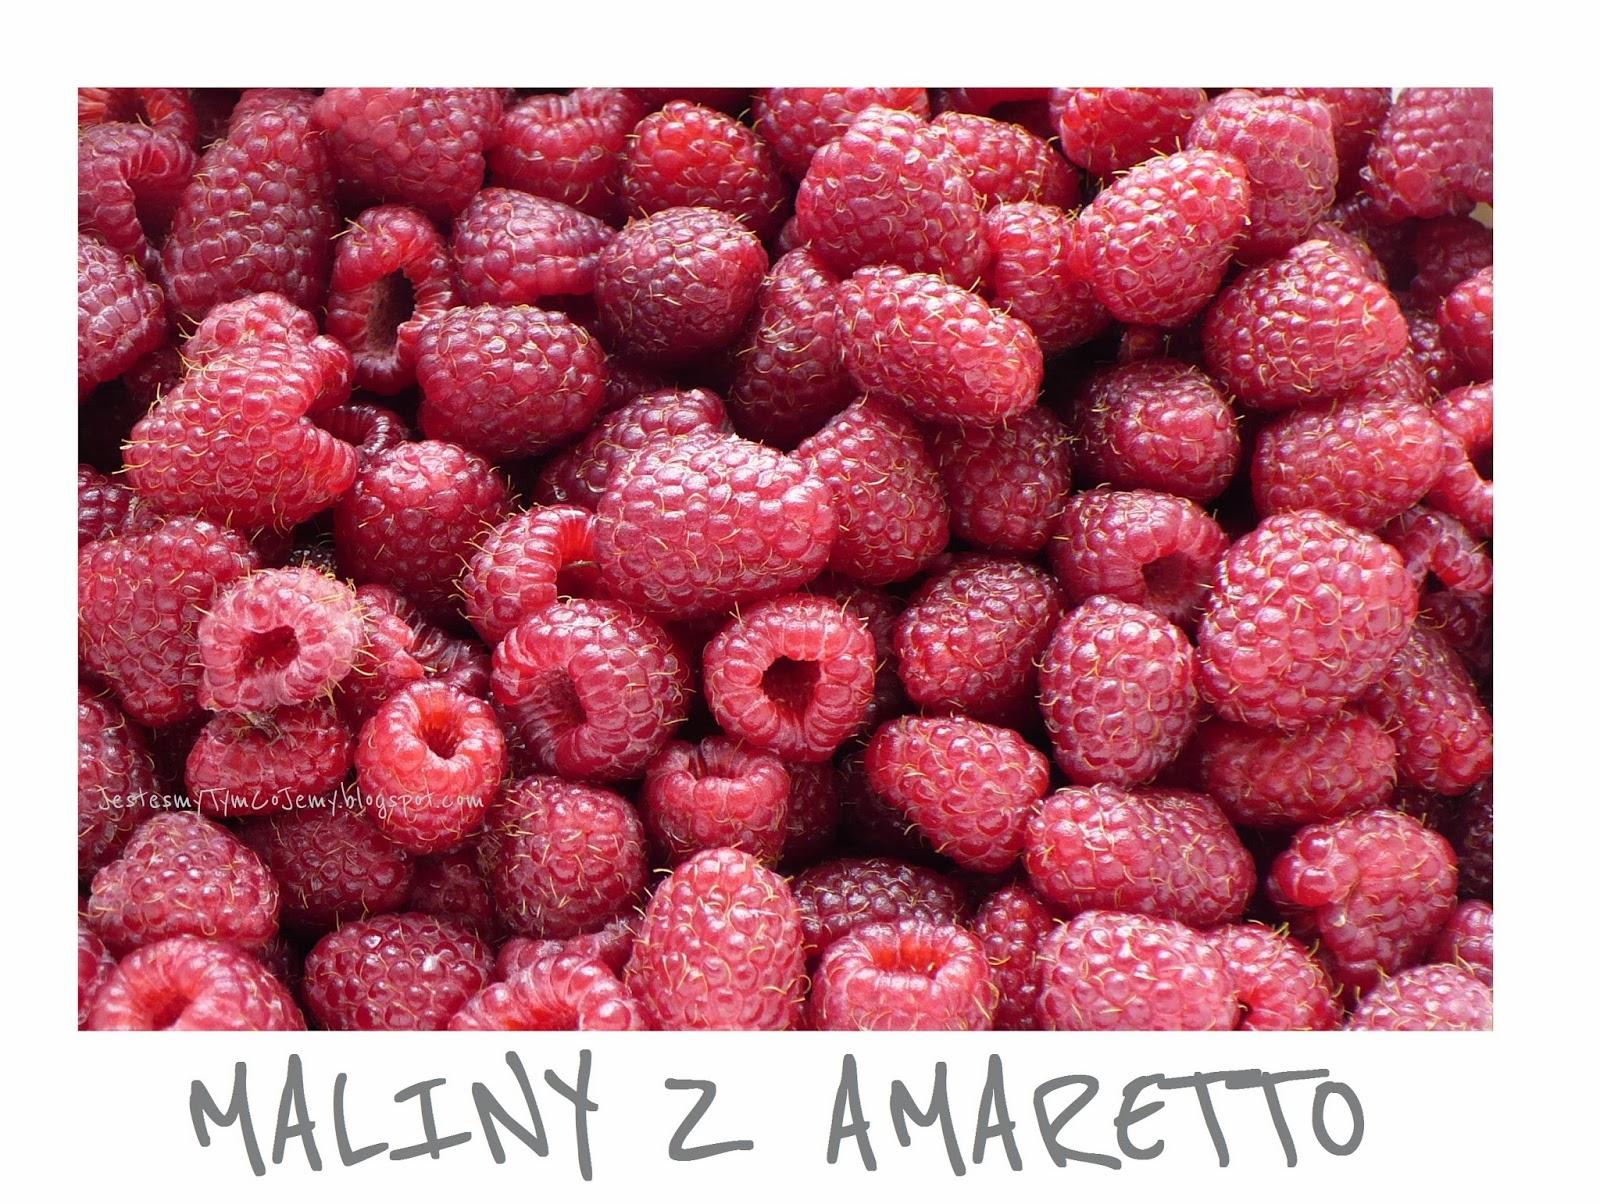 http://jestesmytymcojemy.blogspot.com/2013/08/maliny-z-amaretto.html